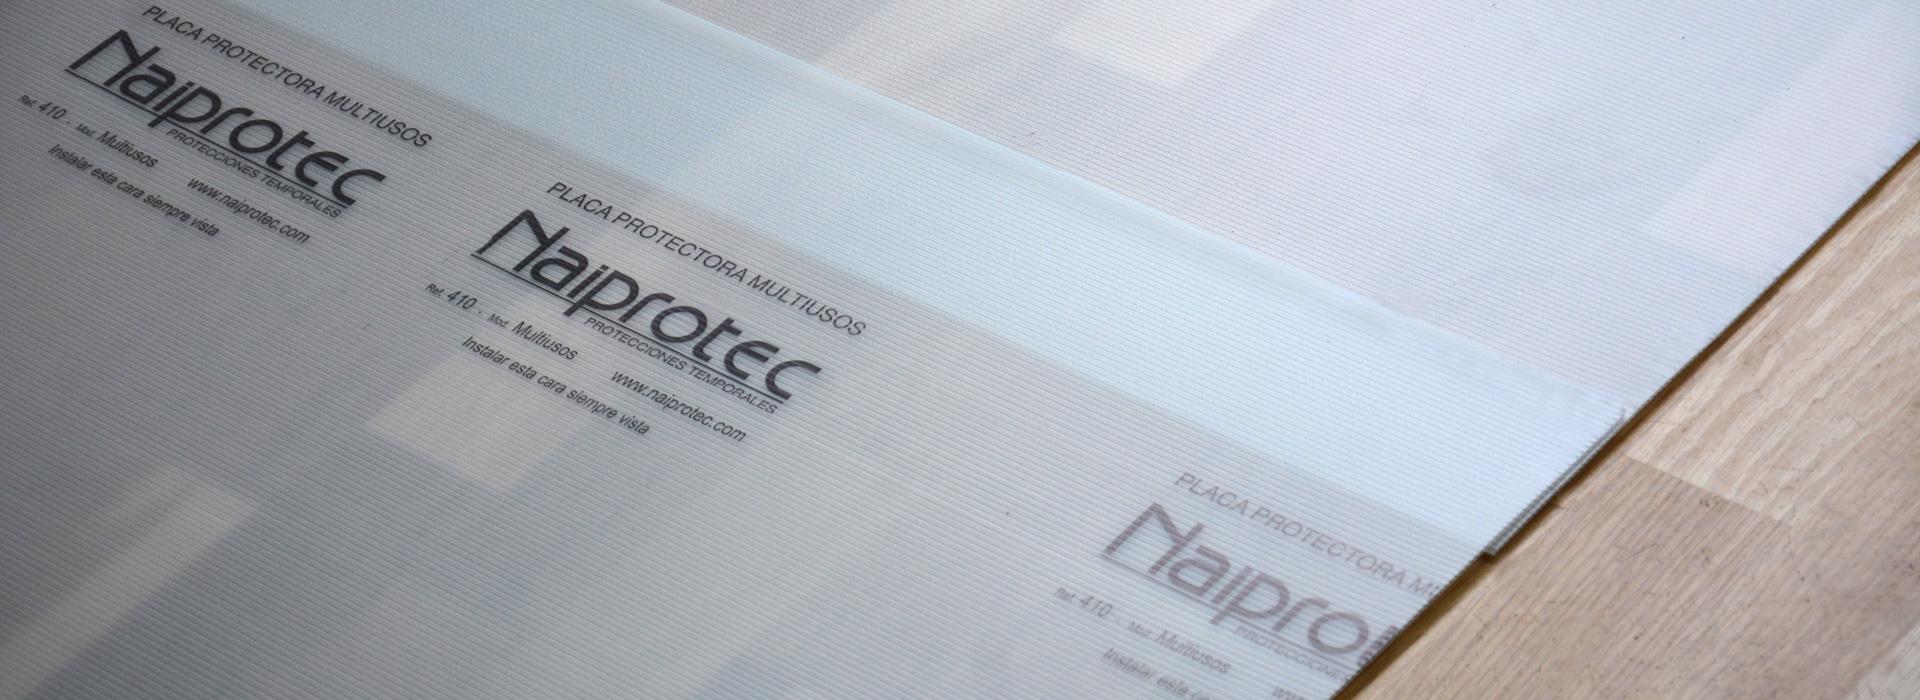 NAIPROTEC 410